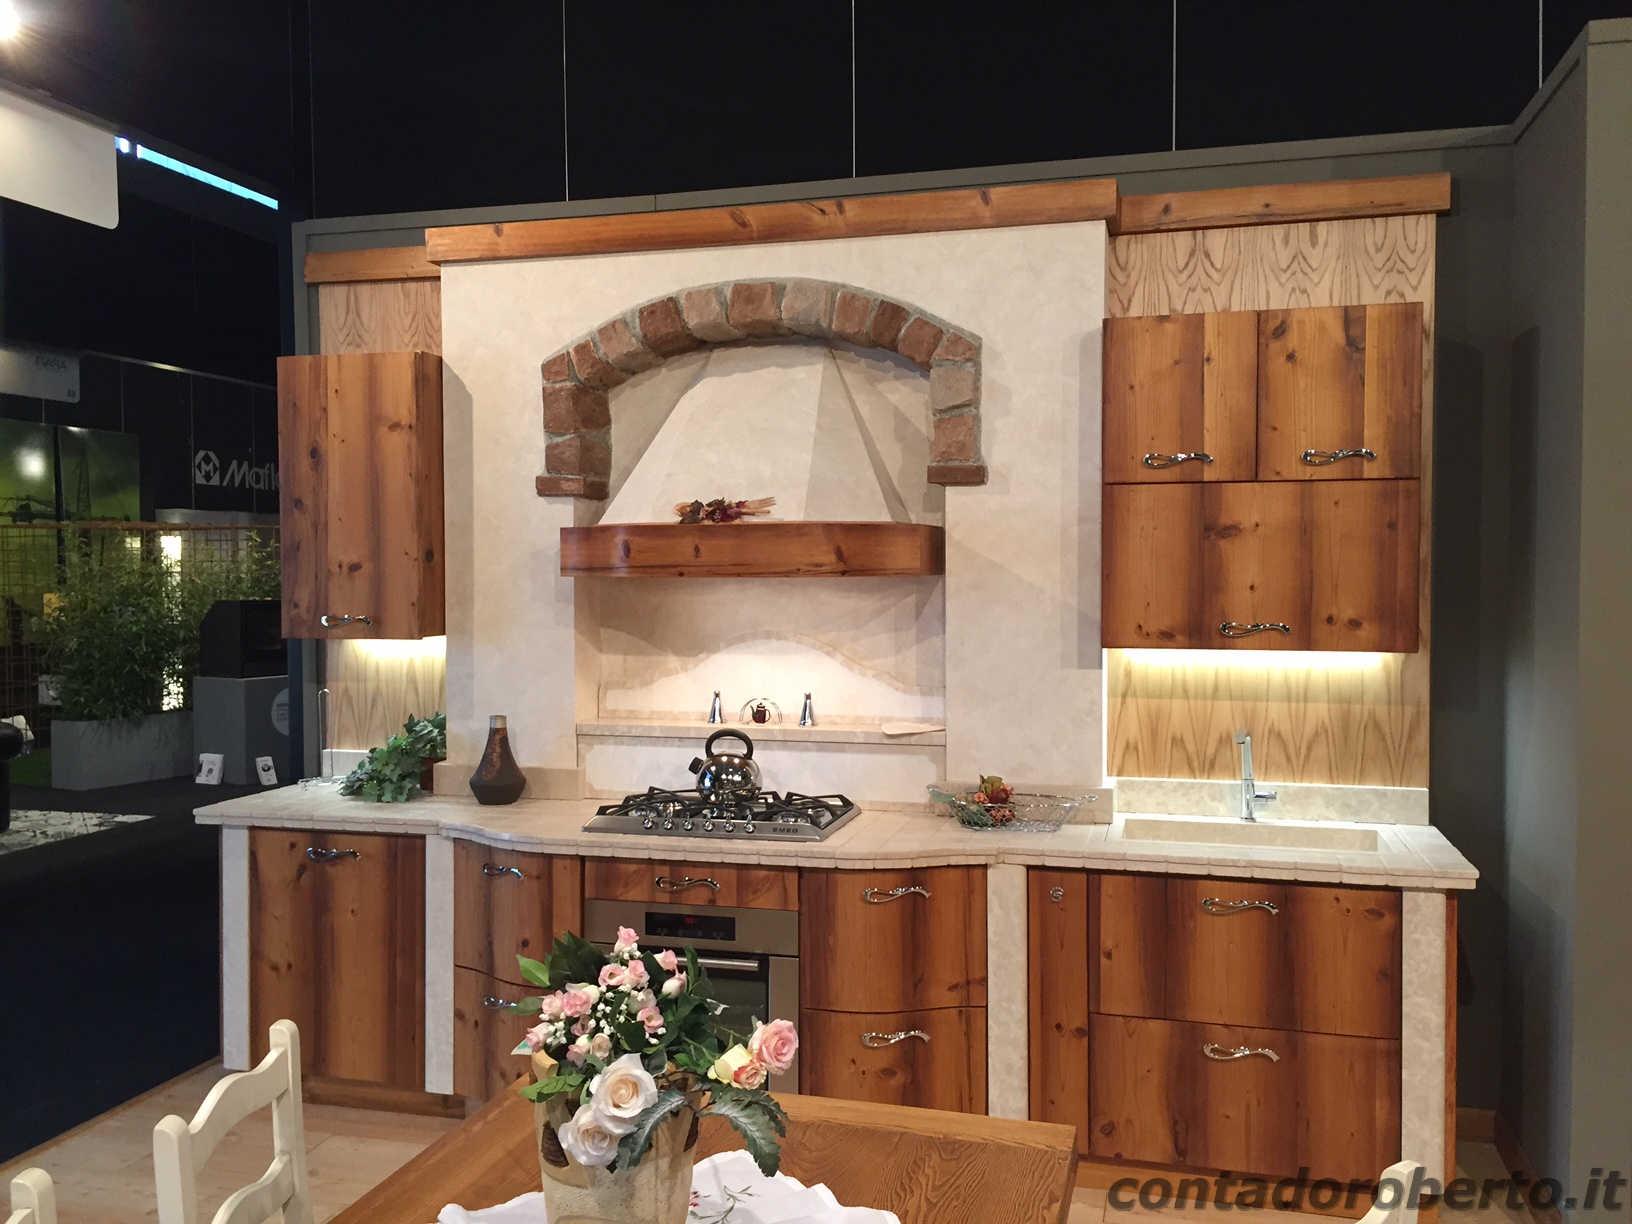 Cucina Moderna in Legno di Larice Vecchio  Contado